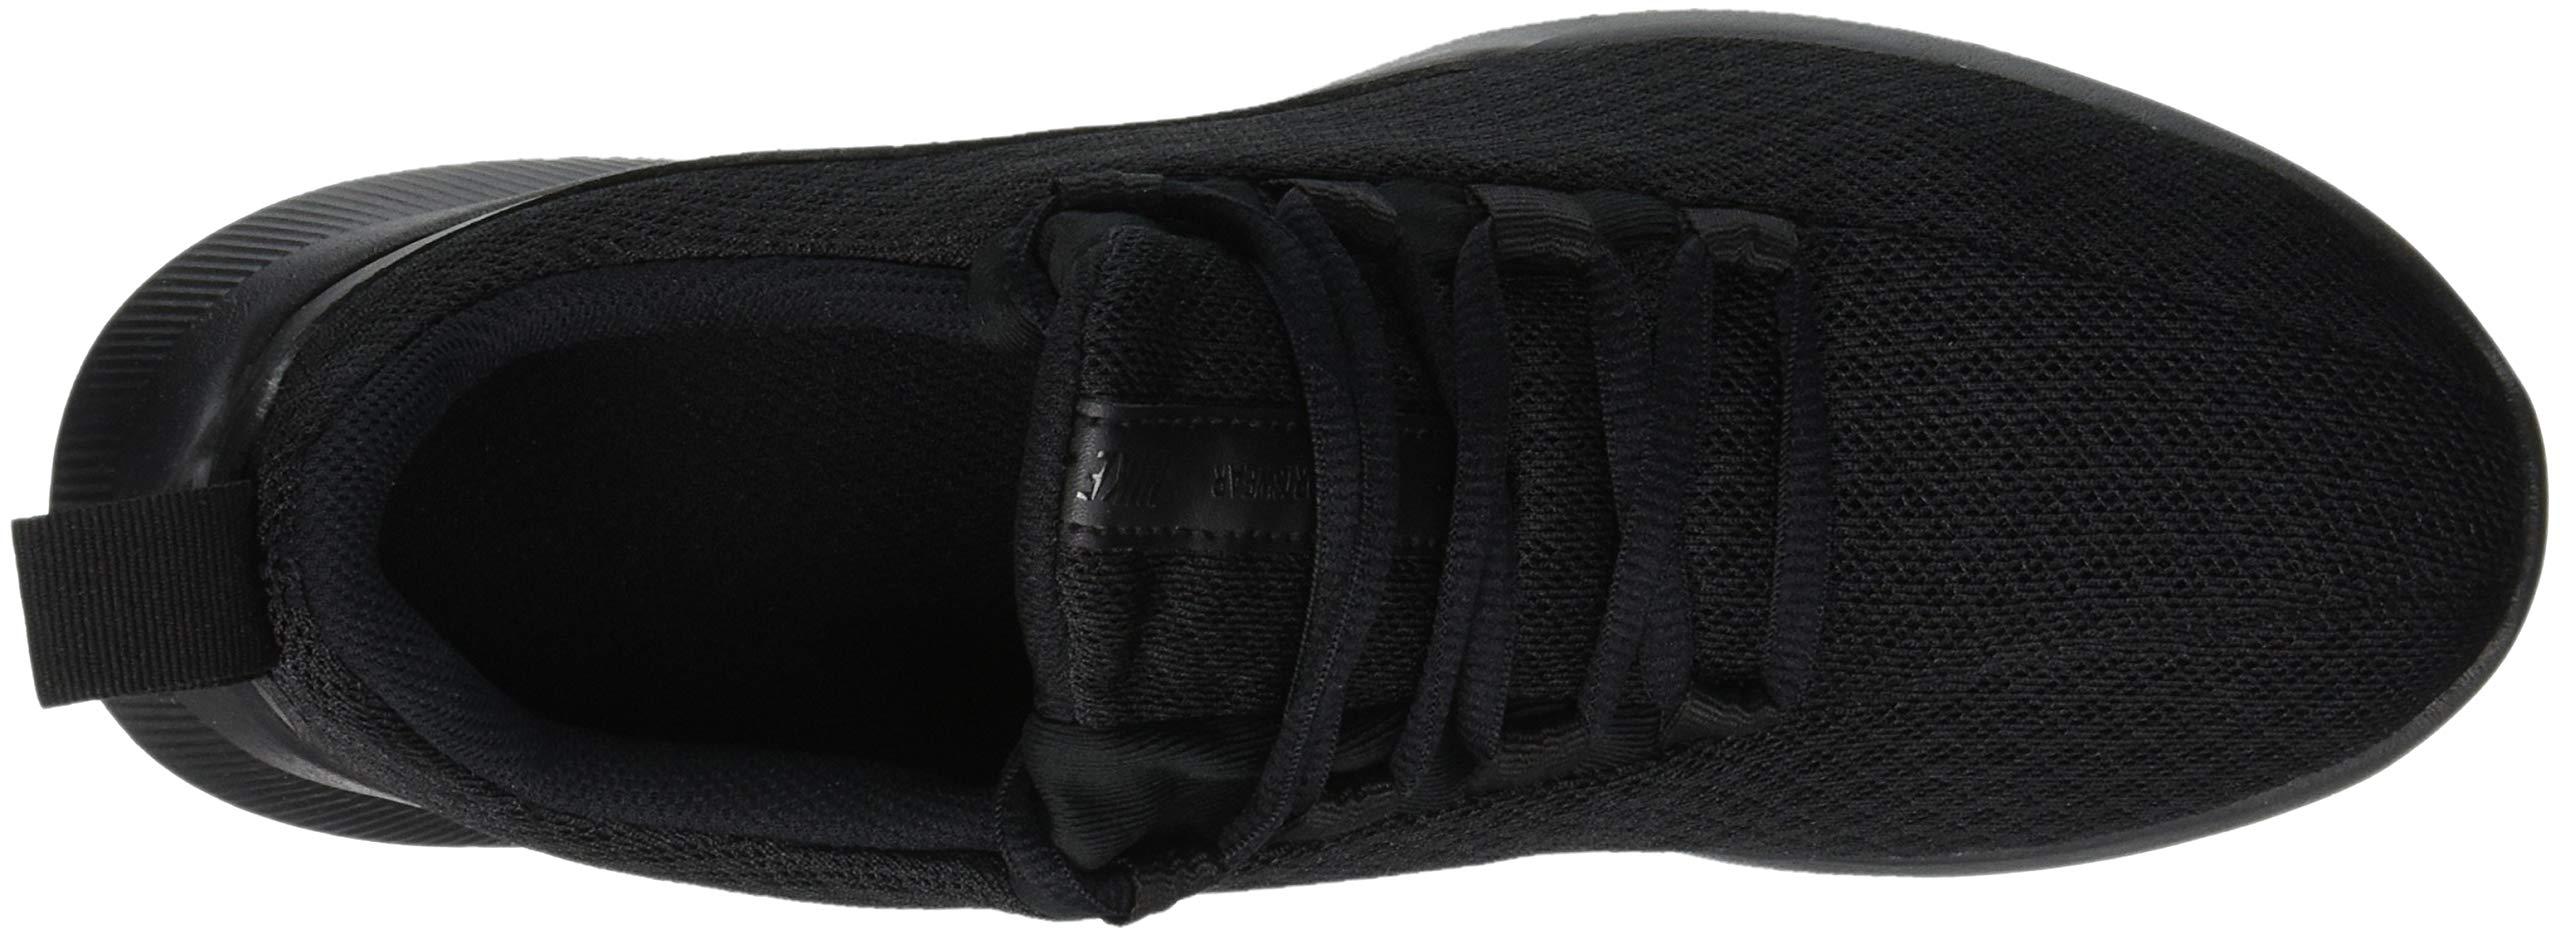 Nike Boys' Viale (GS) Running Shoe, Black, 4Y Youth US Big Kid by Nike (Image #7)